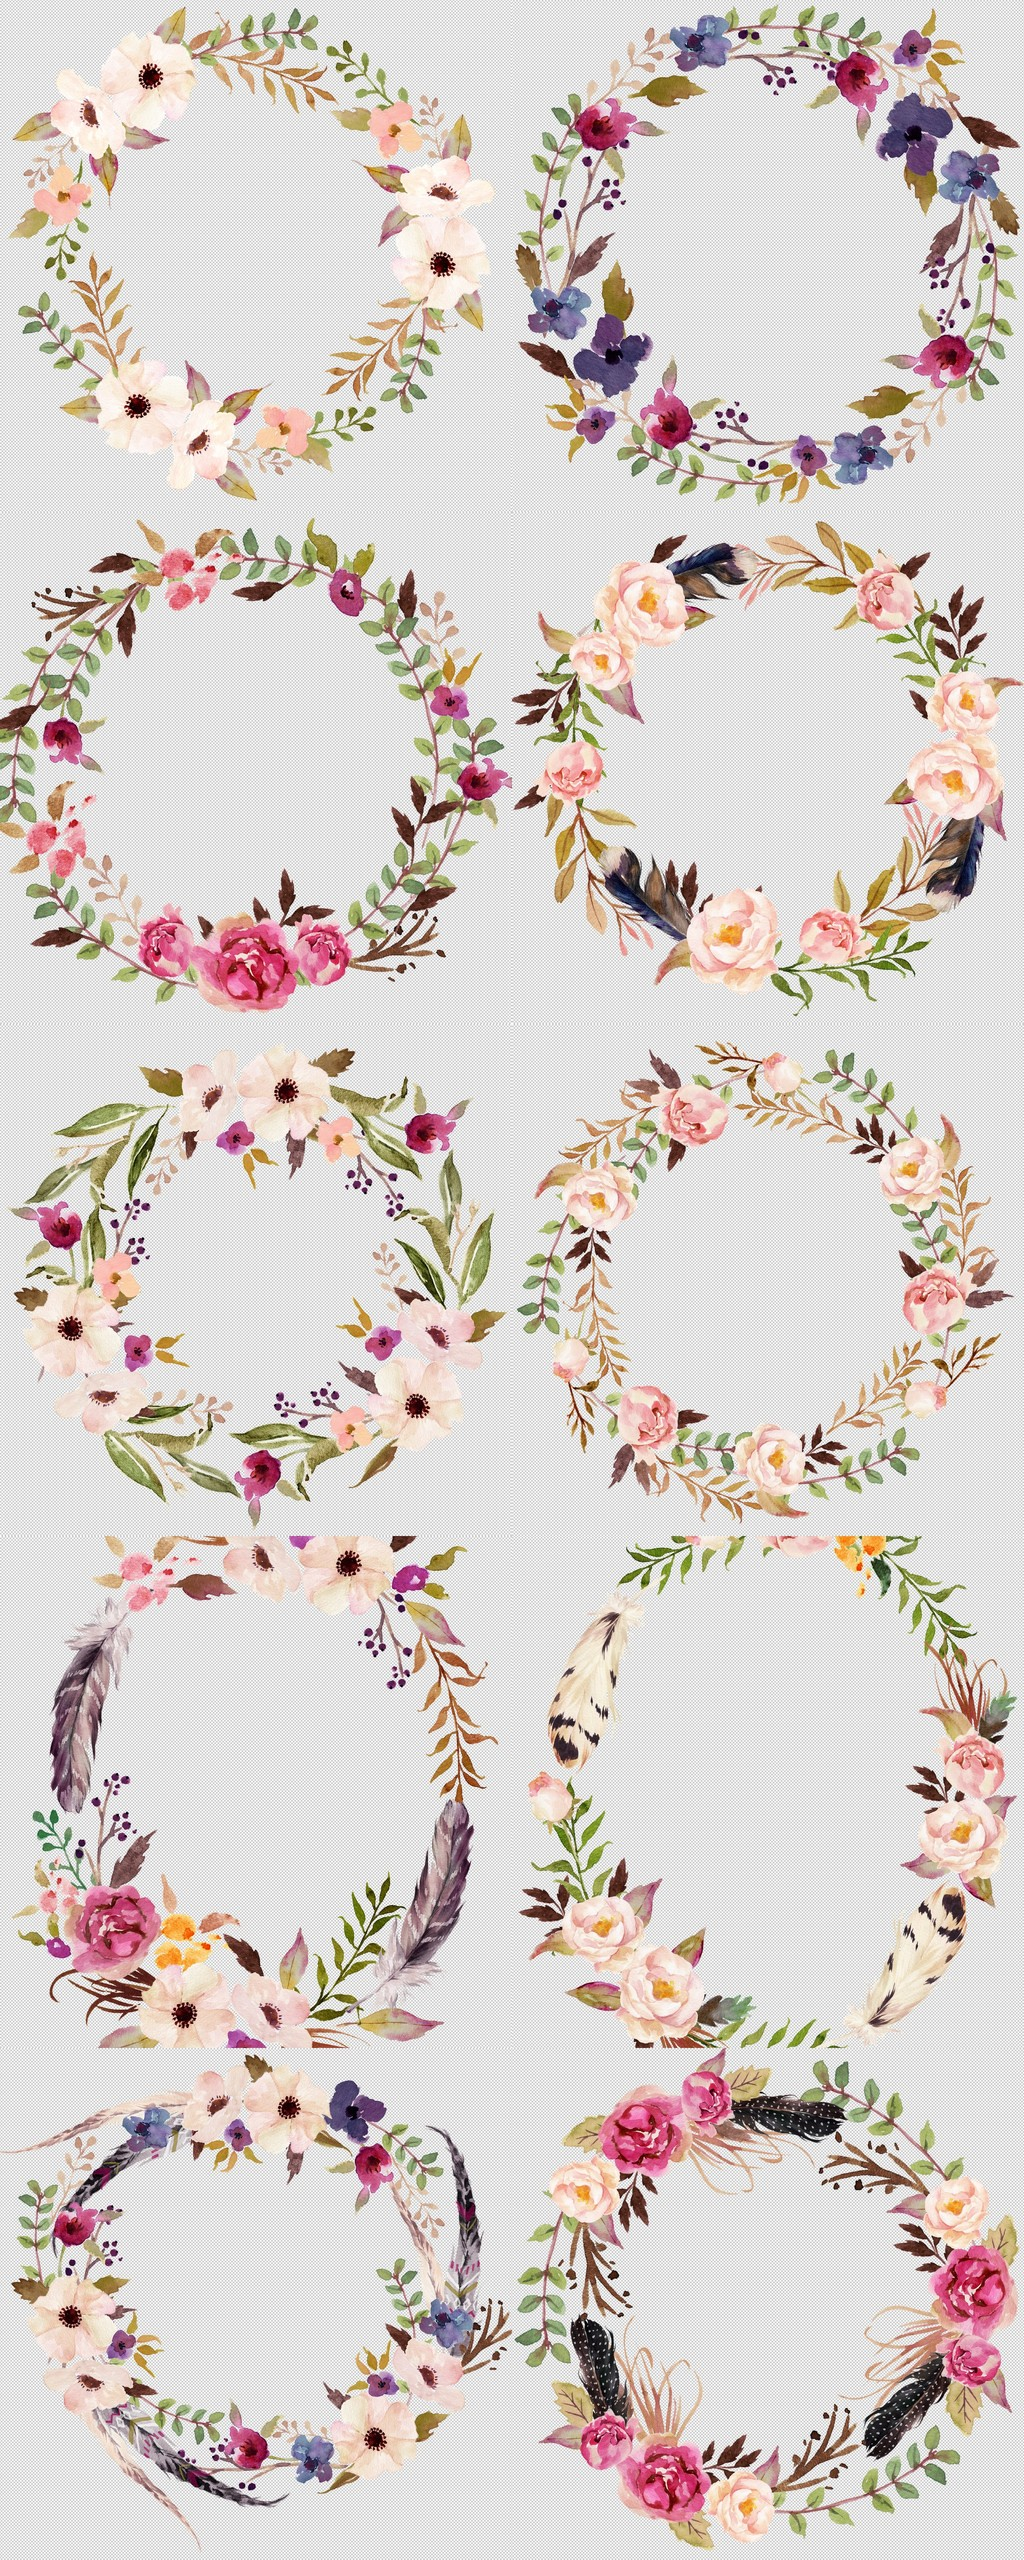 高清森系花草树叶手绘花朵花卉花环透明免扣